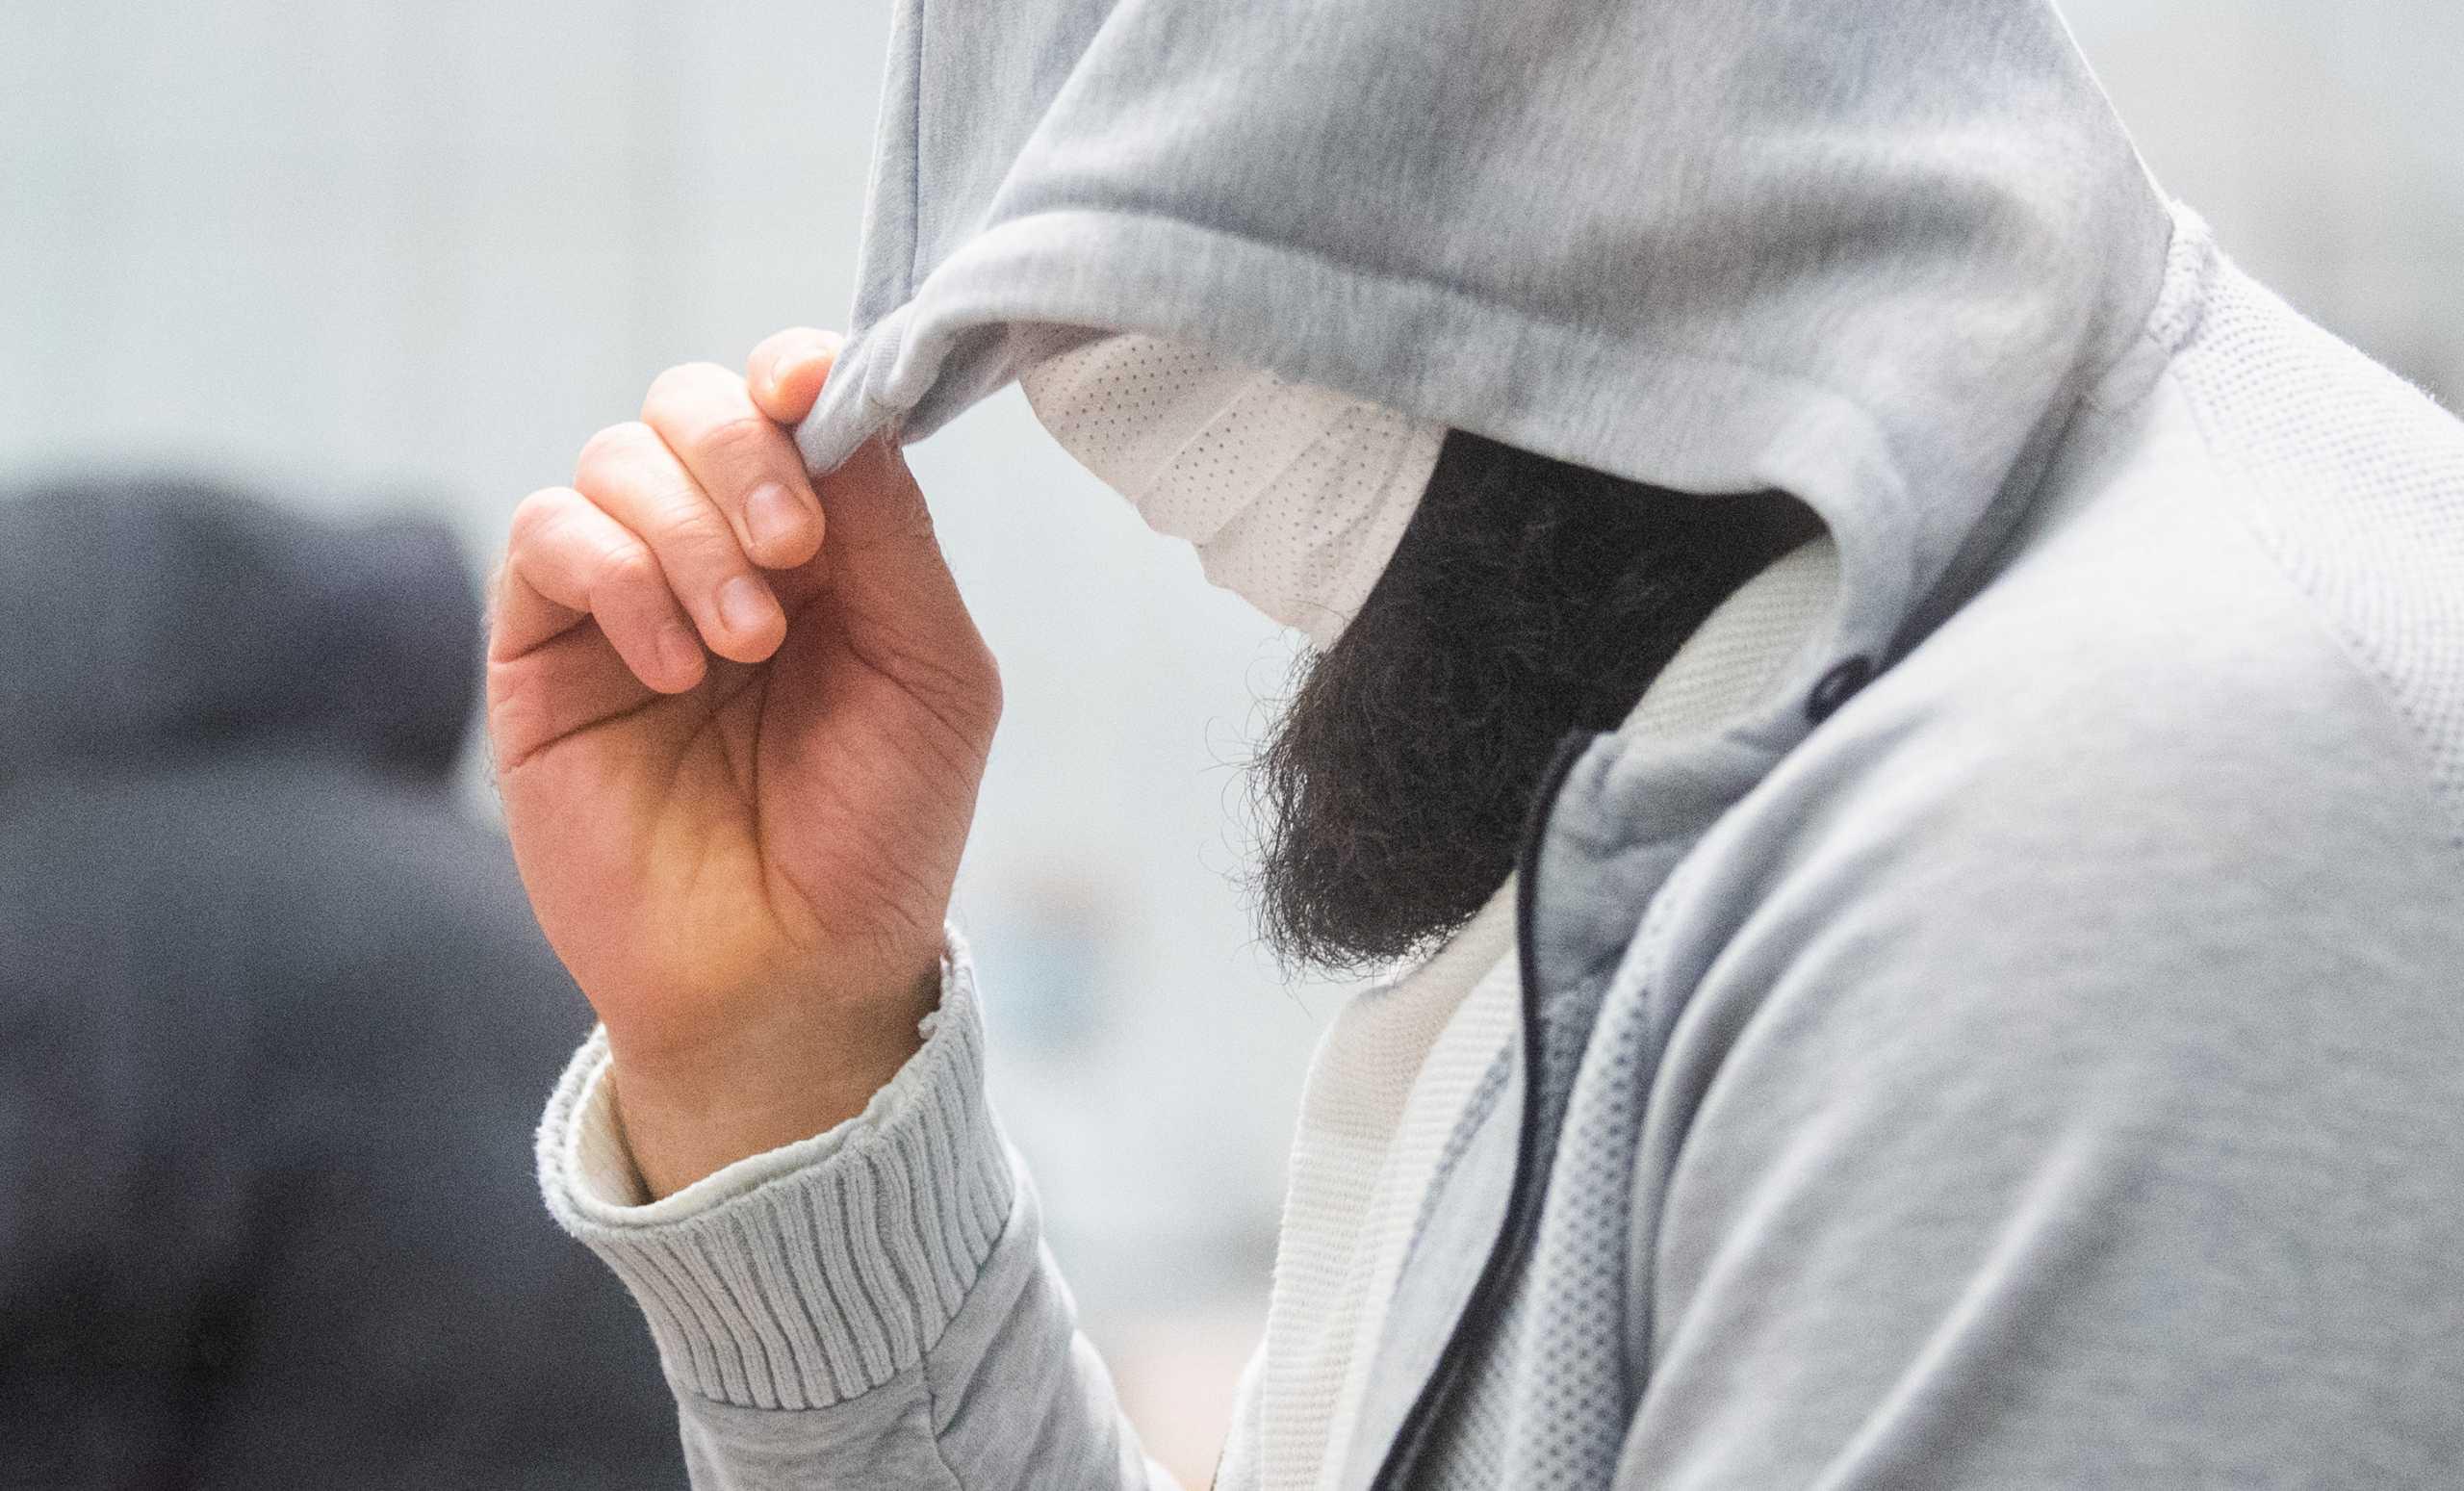 Γερμανία: 10 χρόνια φυλακή για τον επικεφαλής του ISIS στη χώρα (pics)